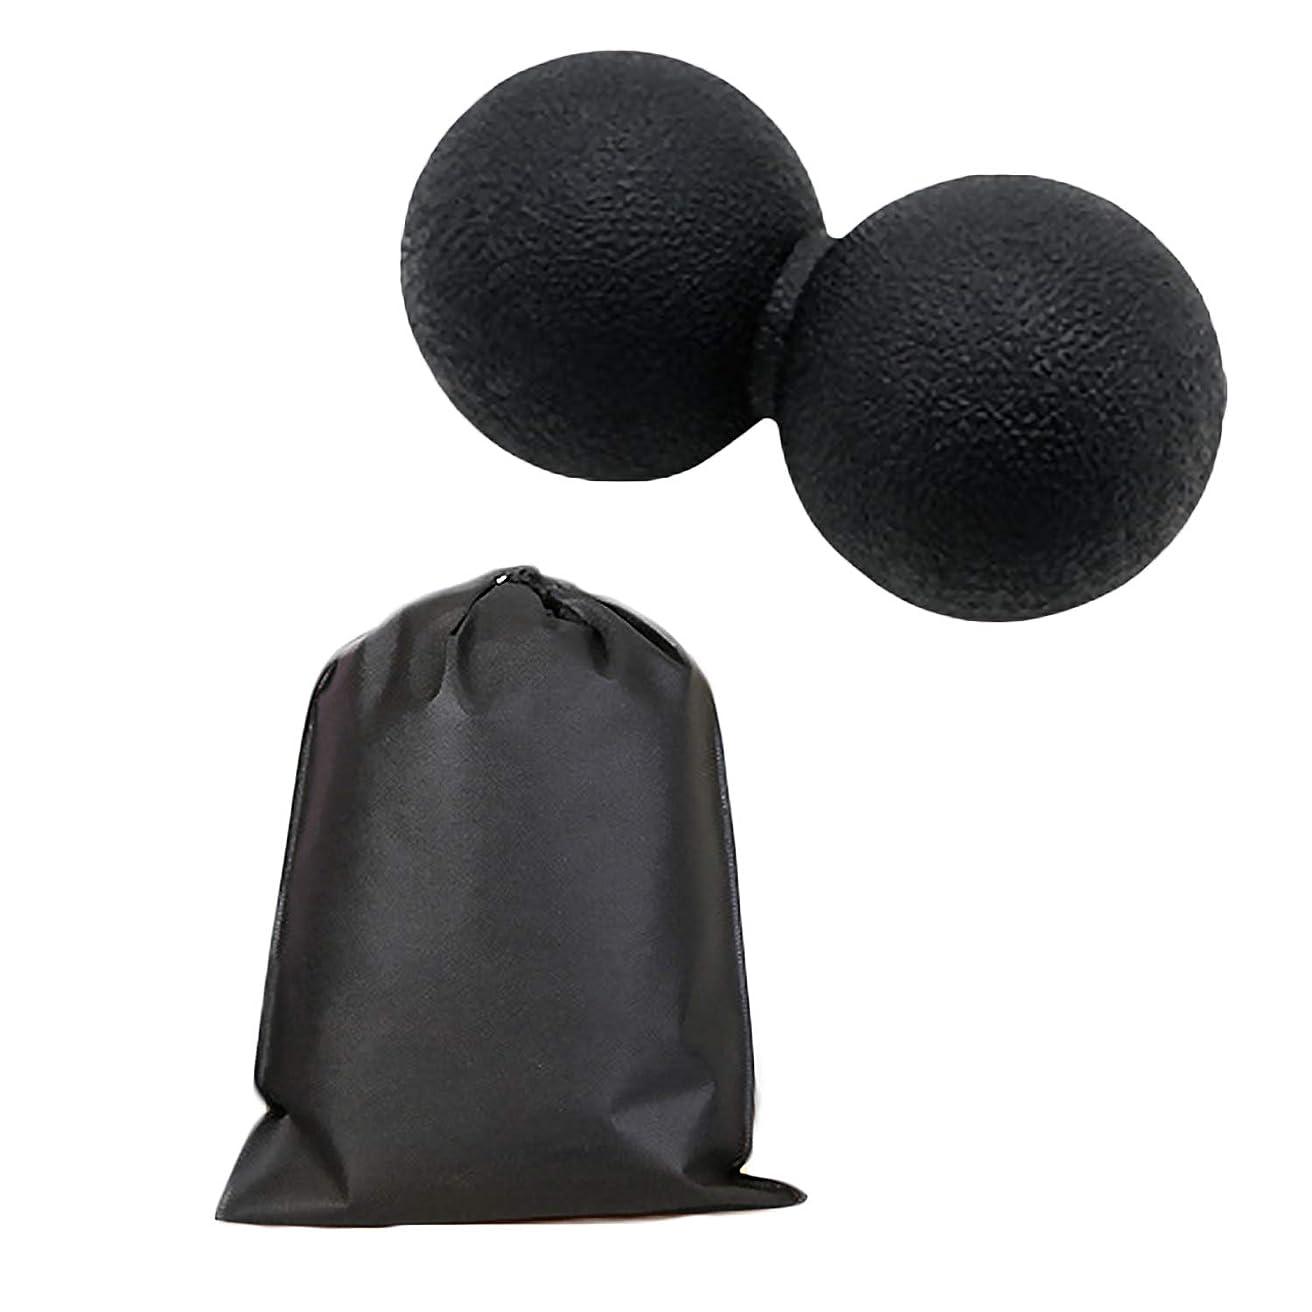 こどもセンター争い悪質なMigavan マッサージボールローラーバックマッサージボール収納袋が付いているピーナツマッサージのローラーボールのマッサージャー